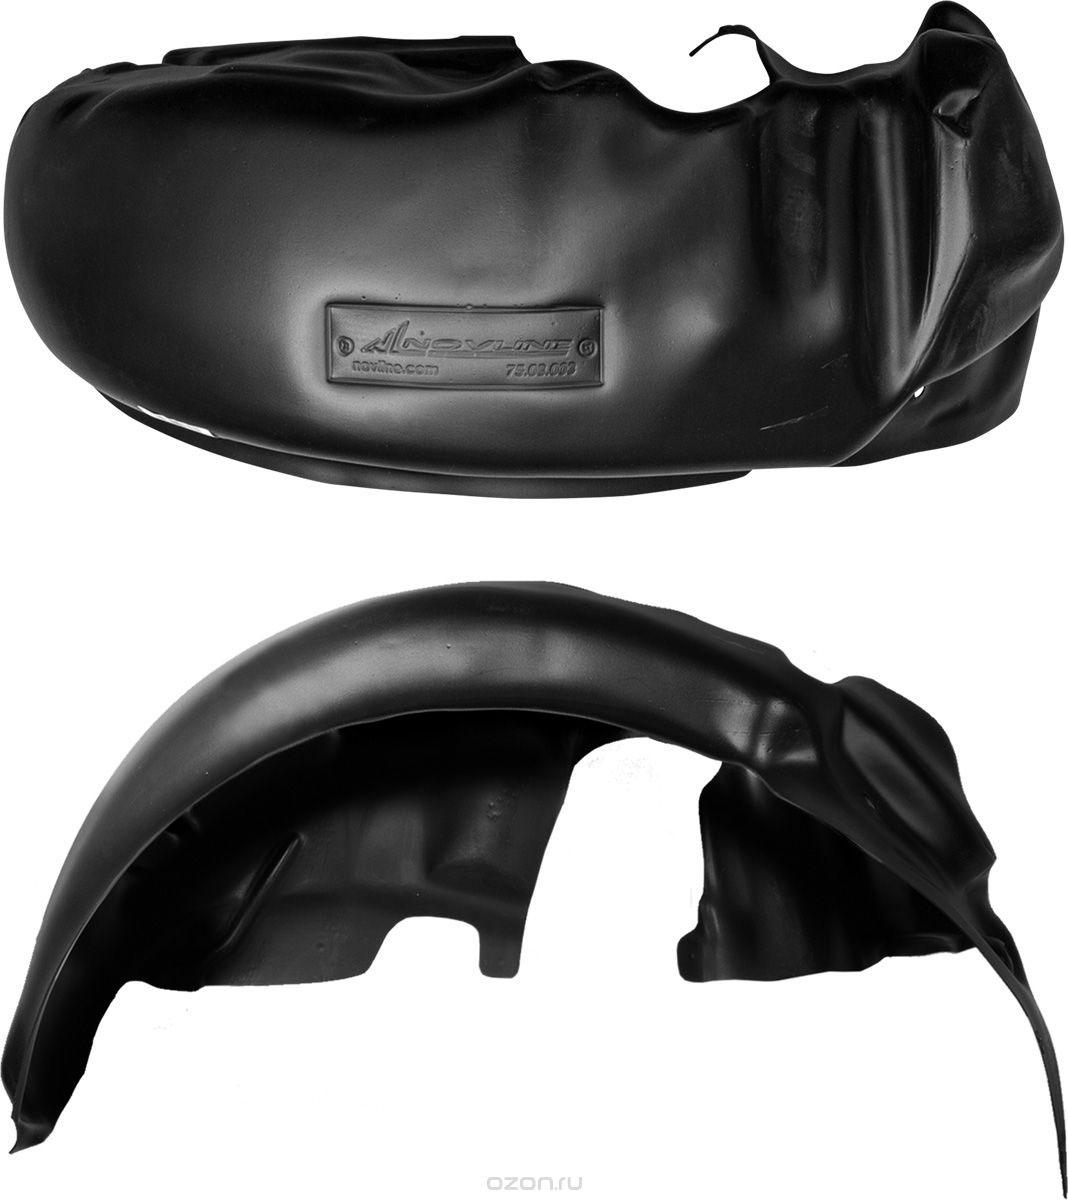 Подкрылок Novline-Autofamily, для НИВА 04/1997->, б/б, задний правыйDW90Идеальная защита колесной ниши. Локеры разработаны с применением цифровых технологий, гарантируют максимальную повторяемость поверхности арки. Изделия устанавливаются без нарушения лакокрасочного покрытия автомобиля, каждый подкрылок комплектуется крепежом. Уважаемые клиенты, обращаем ваше внимание, что фотографии на подкрылки универсальные и не отражают реальную форму изделия. При этом само изделие идет точно под размер указанного автомобиля.